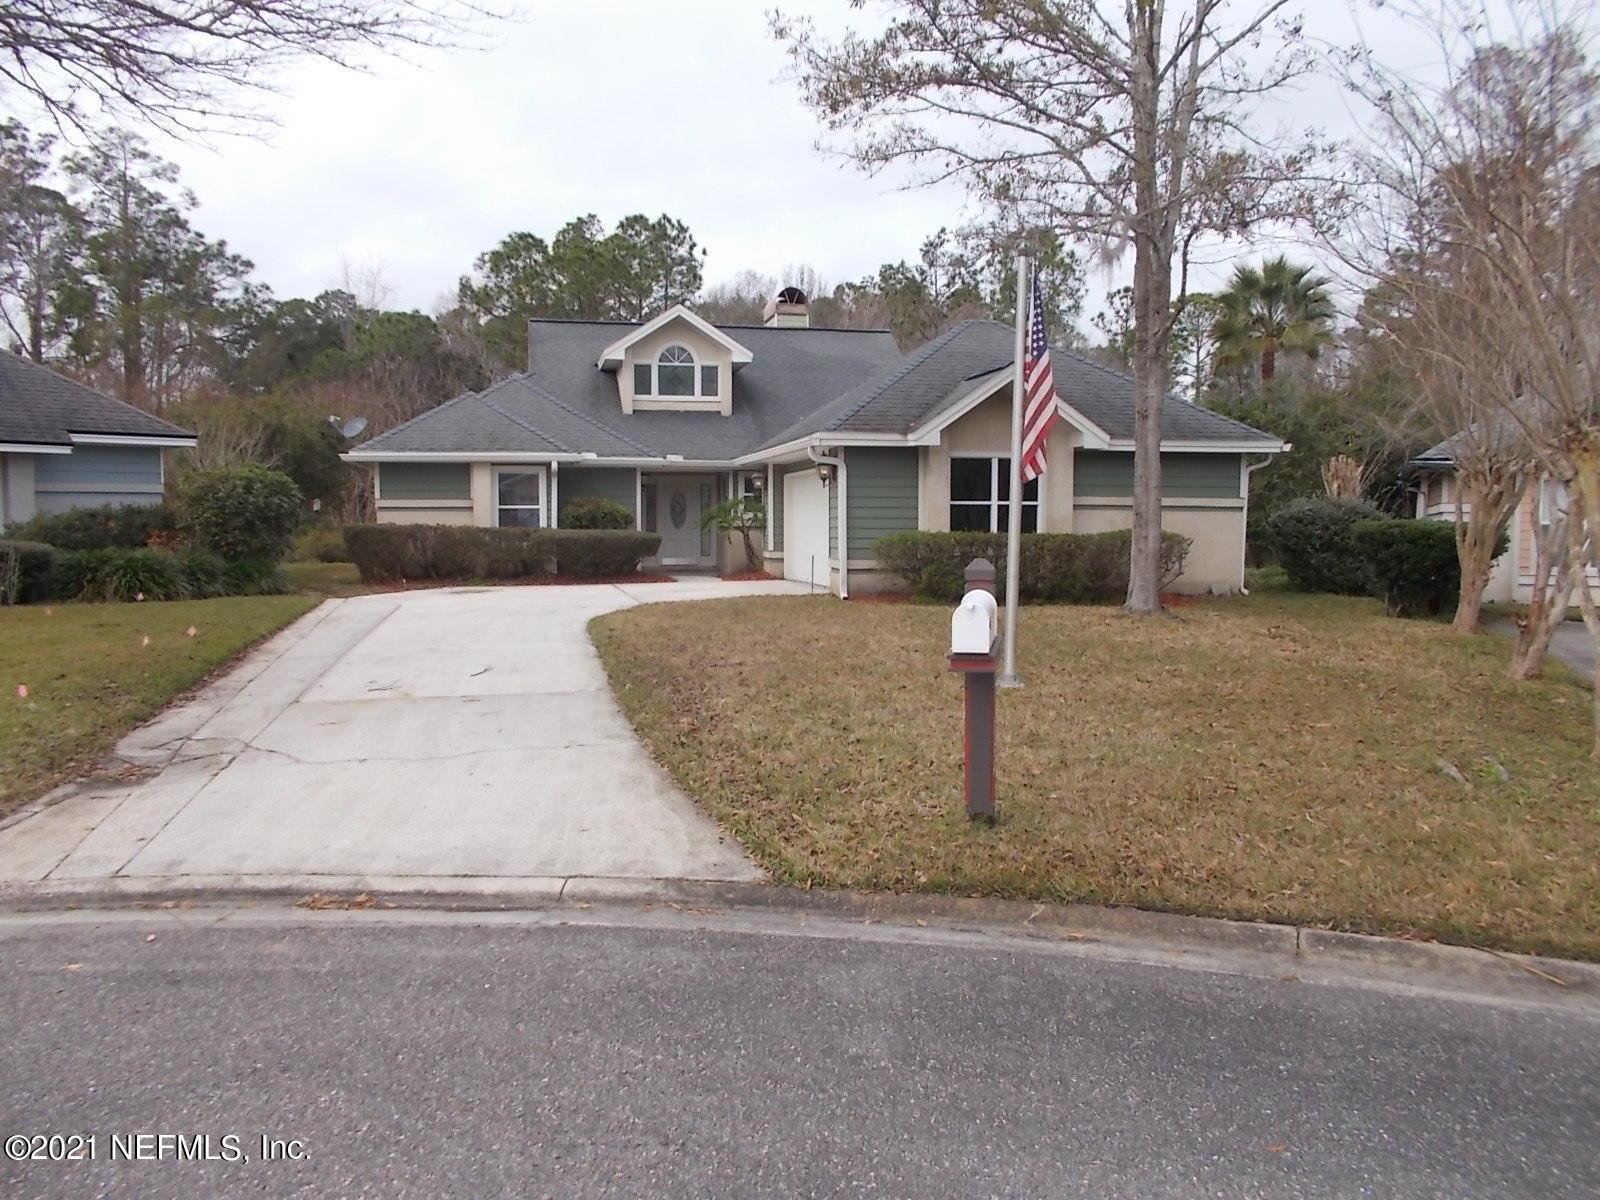 1472 MARSH RABBIT, ORANGE PARK, FLORIDA 32003, 3 Bedrooms Bedrooms, ,2 BathroomsBathrooms,Residential,For sale,MARSH RABBIT,1090254